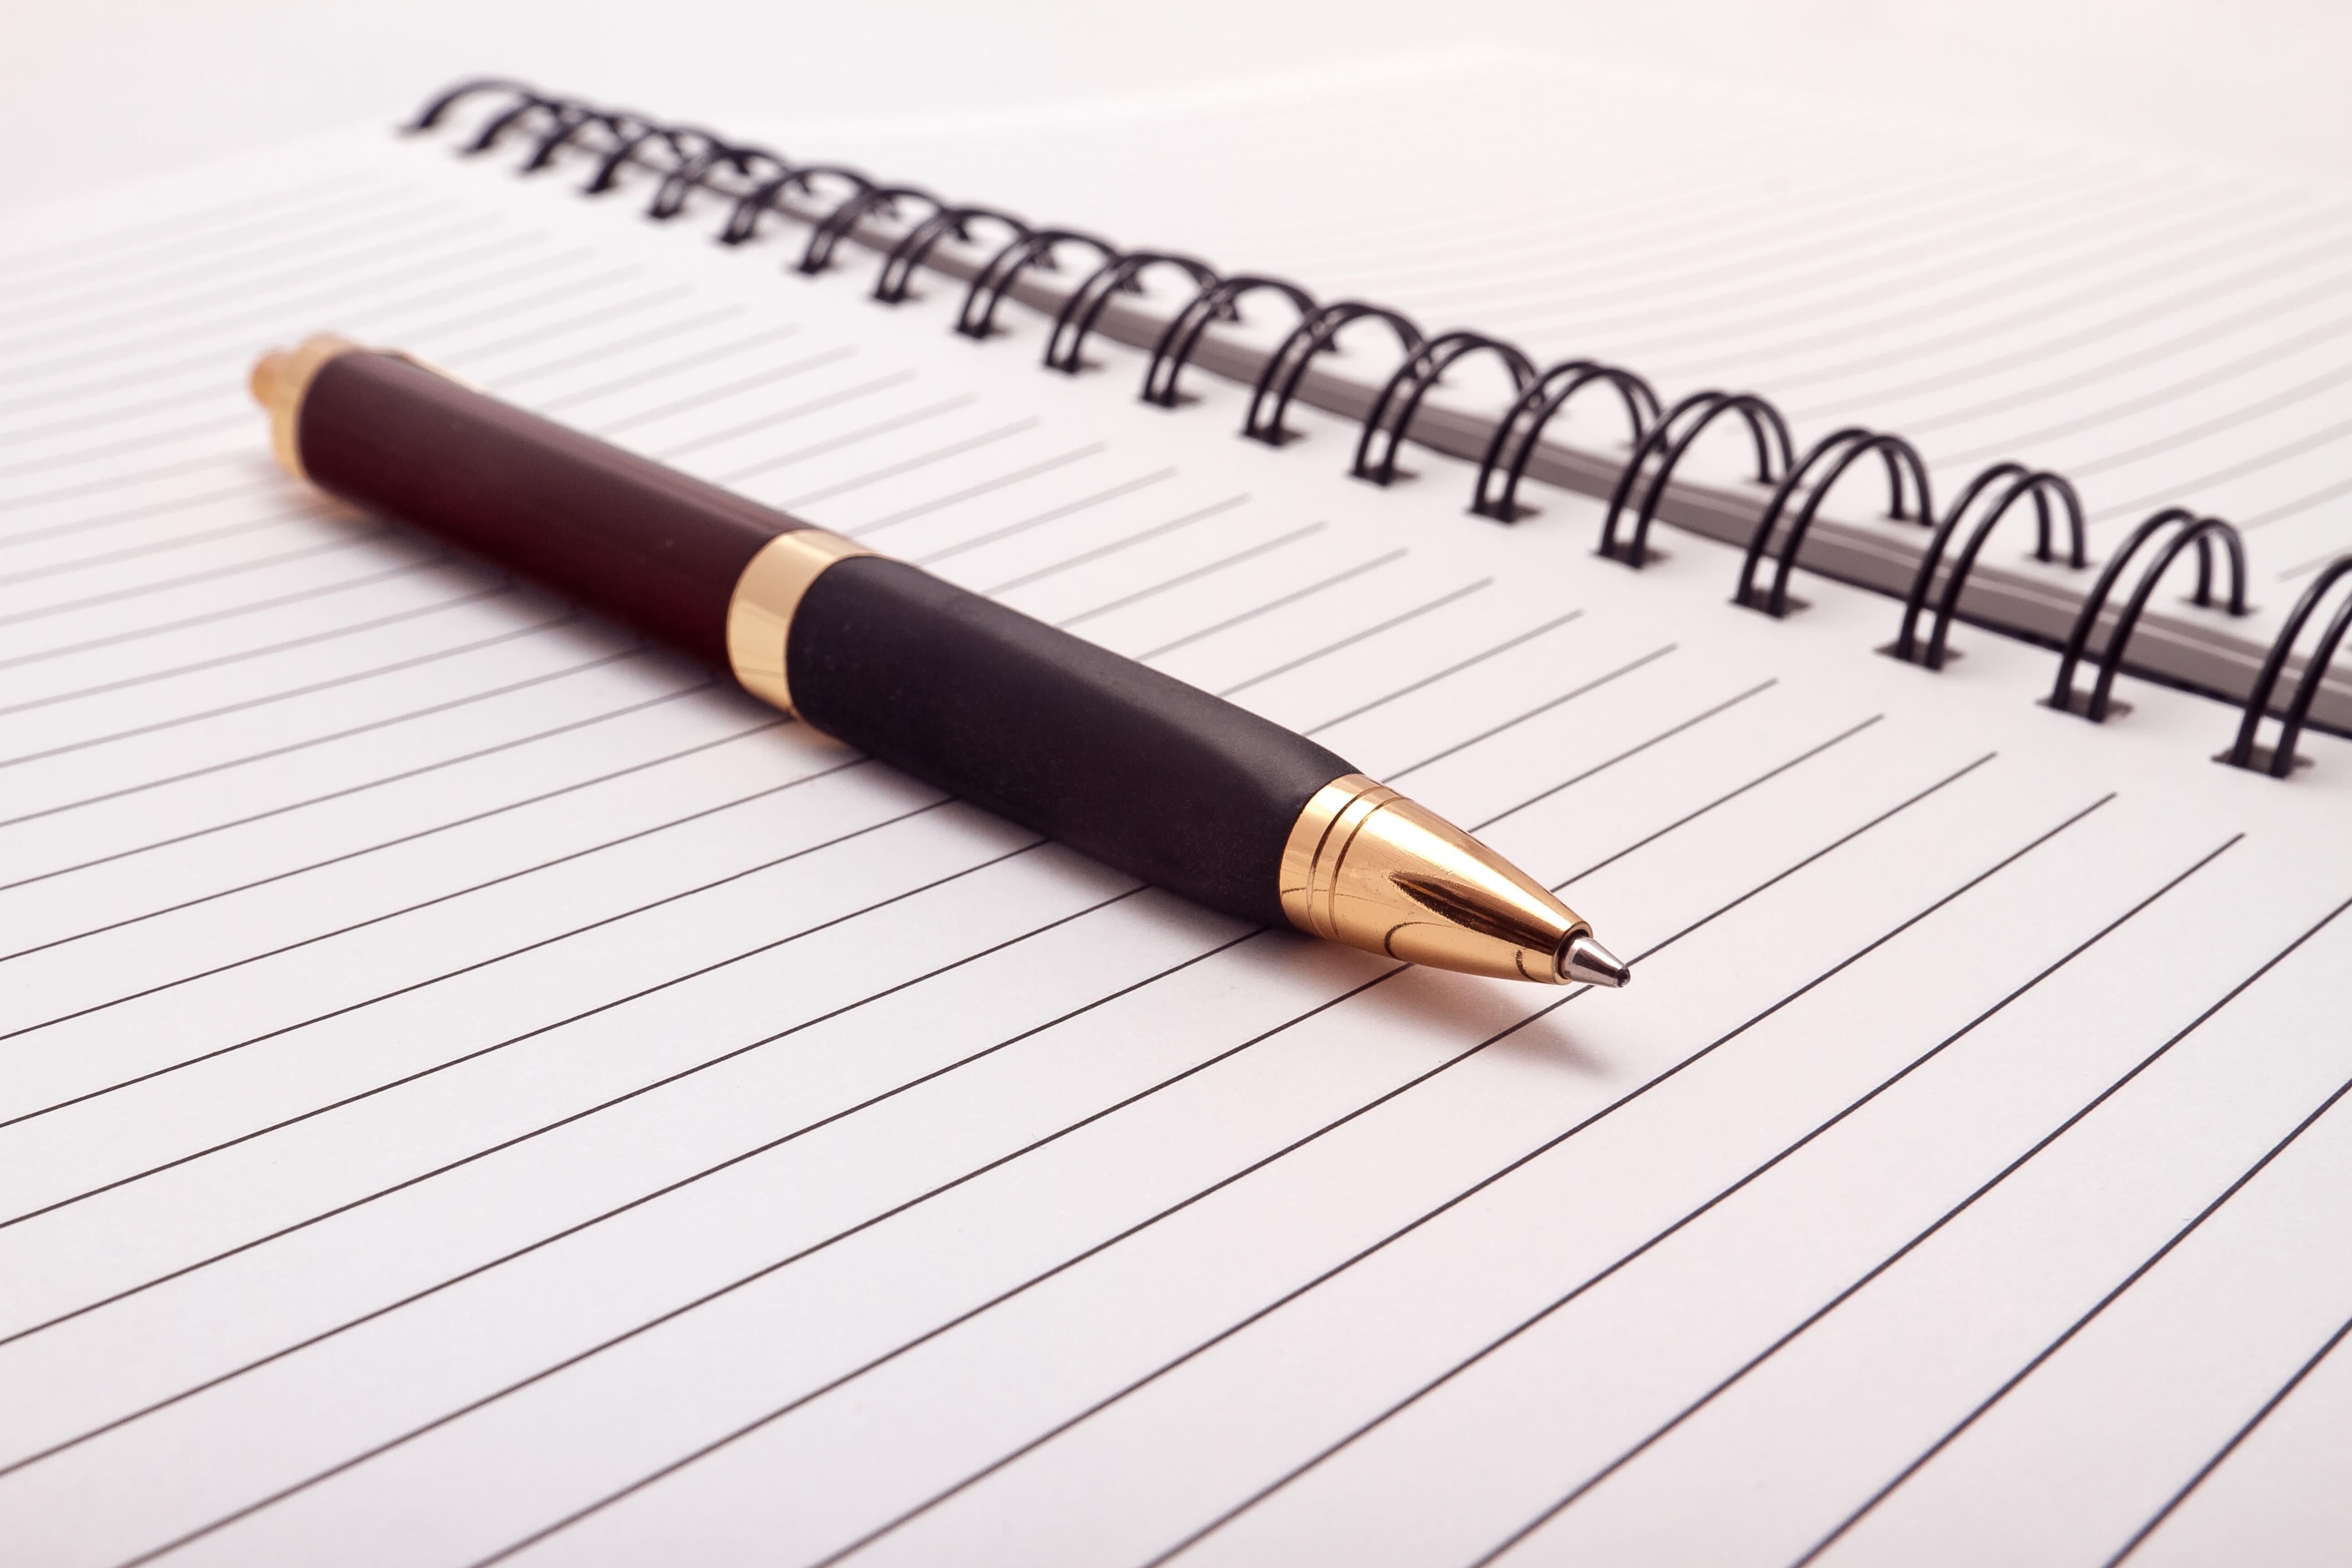 【出版社の作文対策】予定稿を準備して対策するべき【作文例アリ】